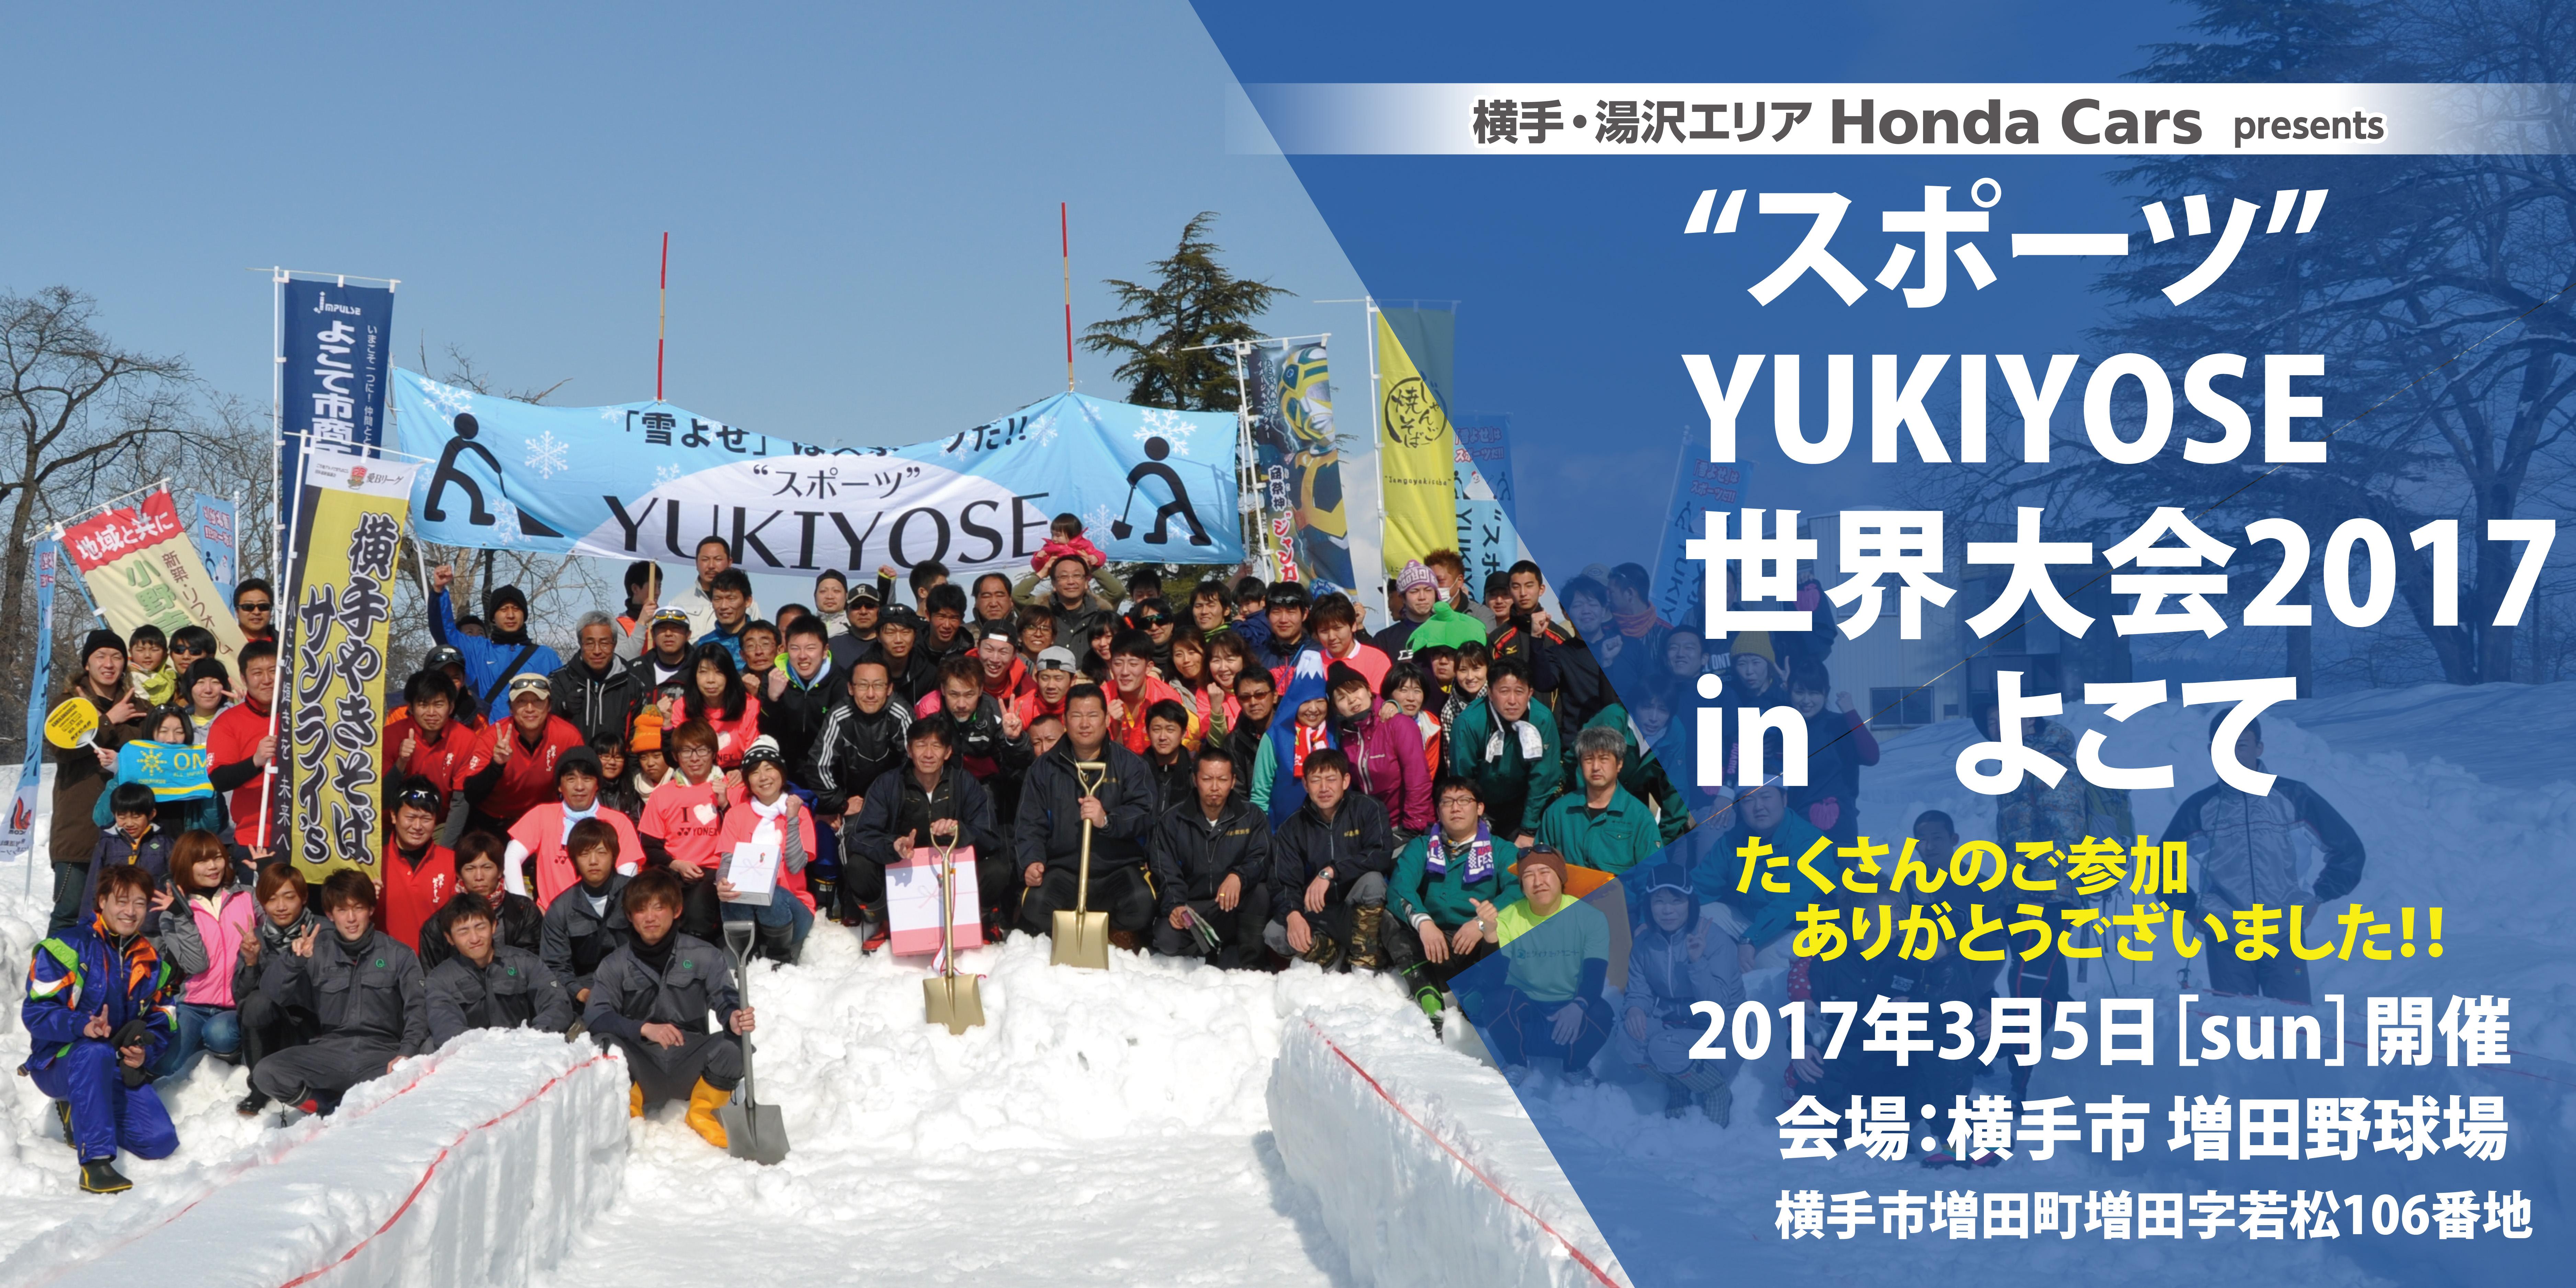 """""""スポーツ"""" YUKIYOSE 世界大会 2017 in よこて"""